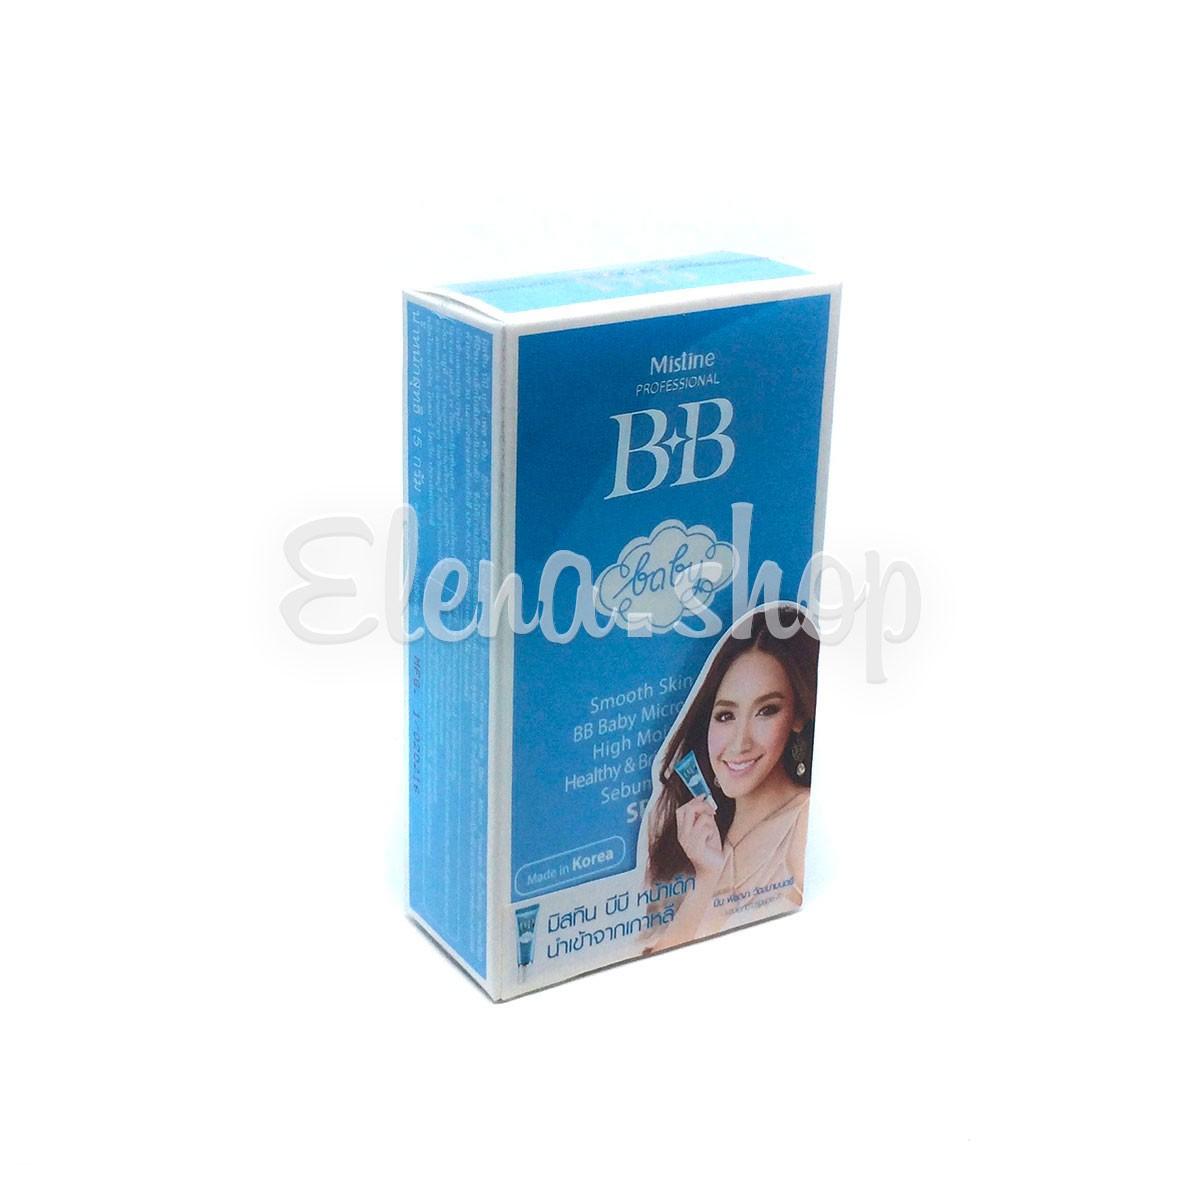 BB крем для разглаживания кожи